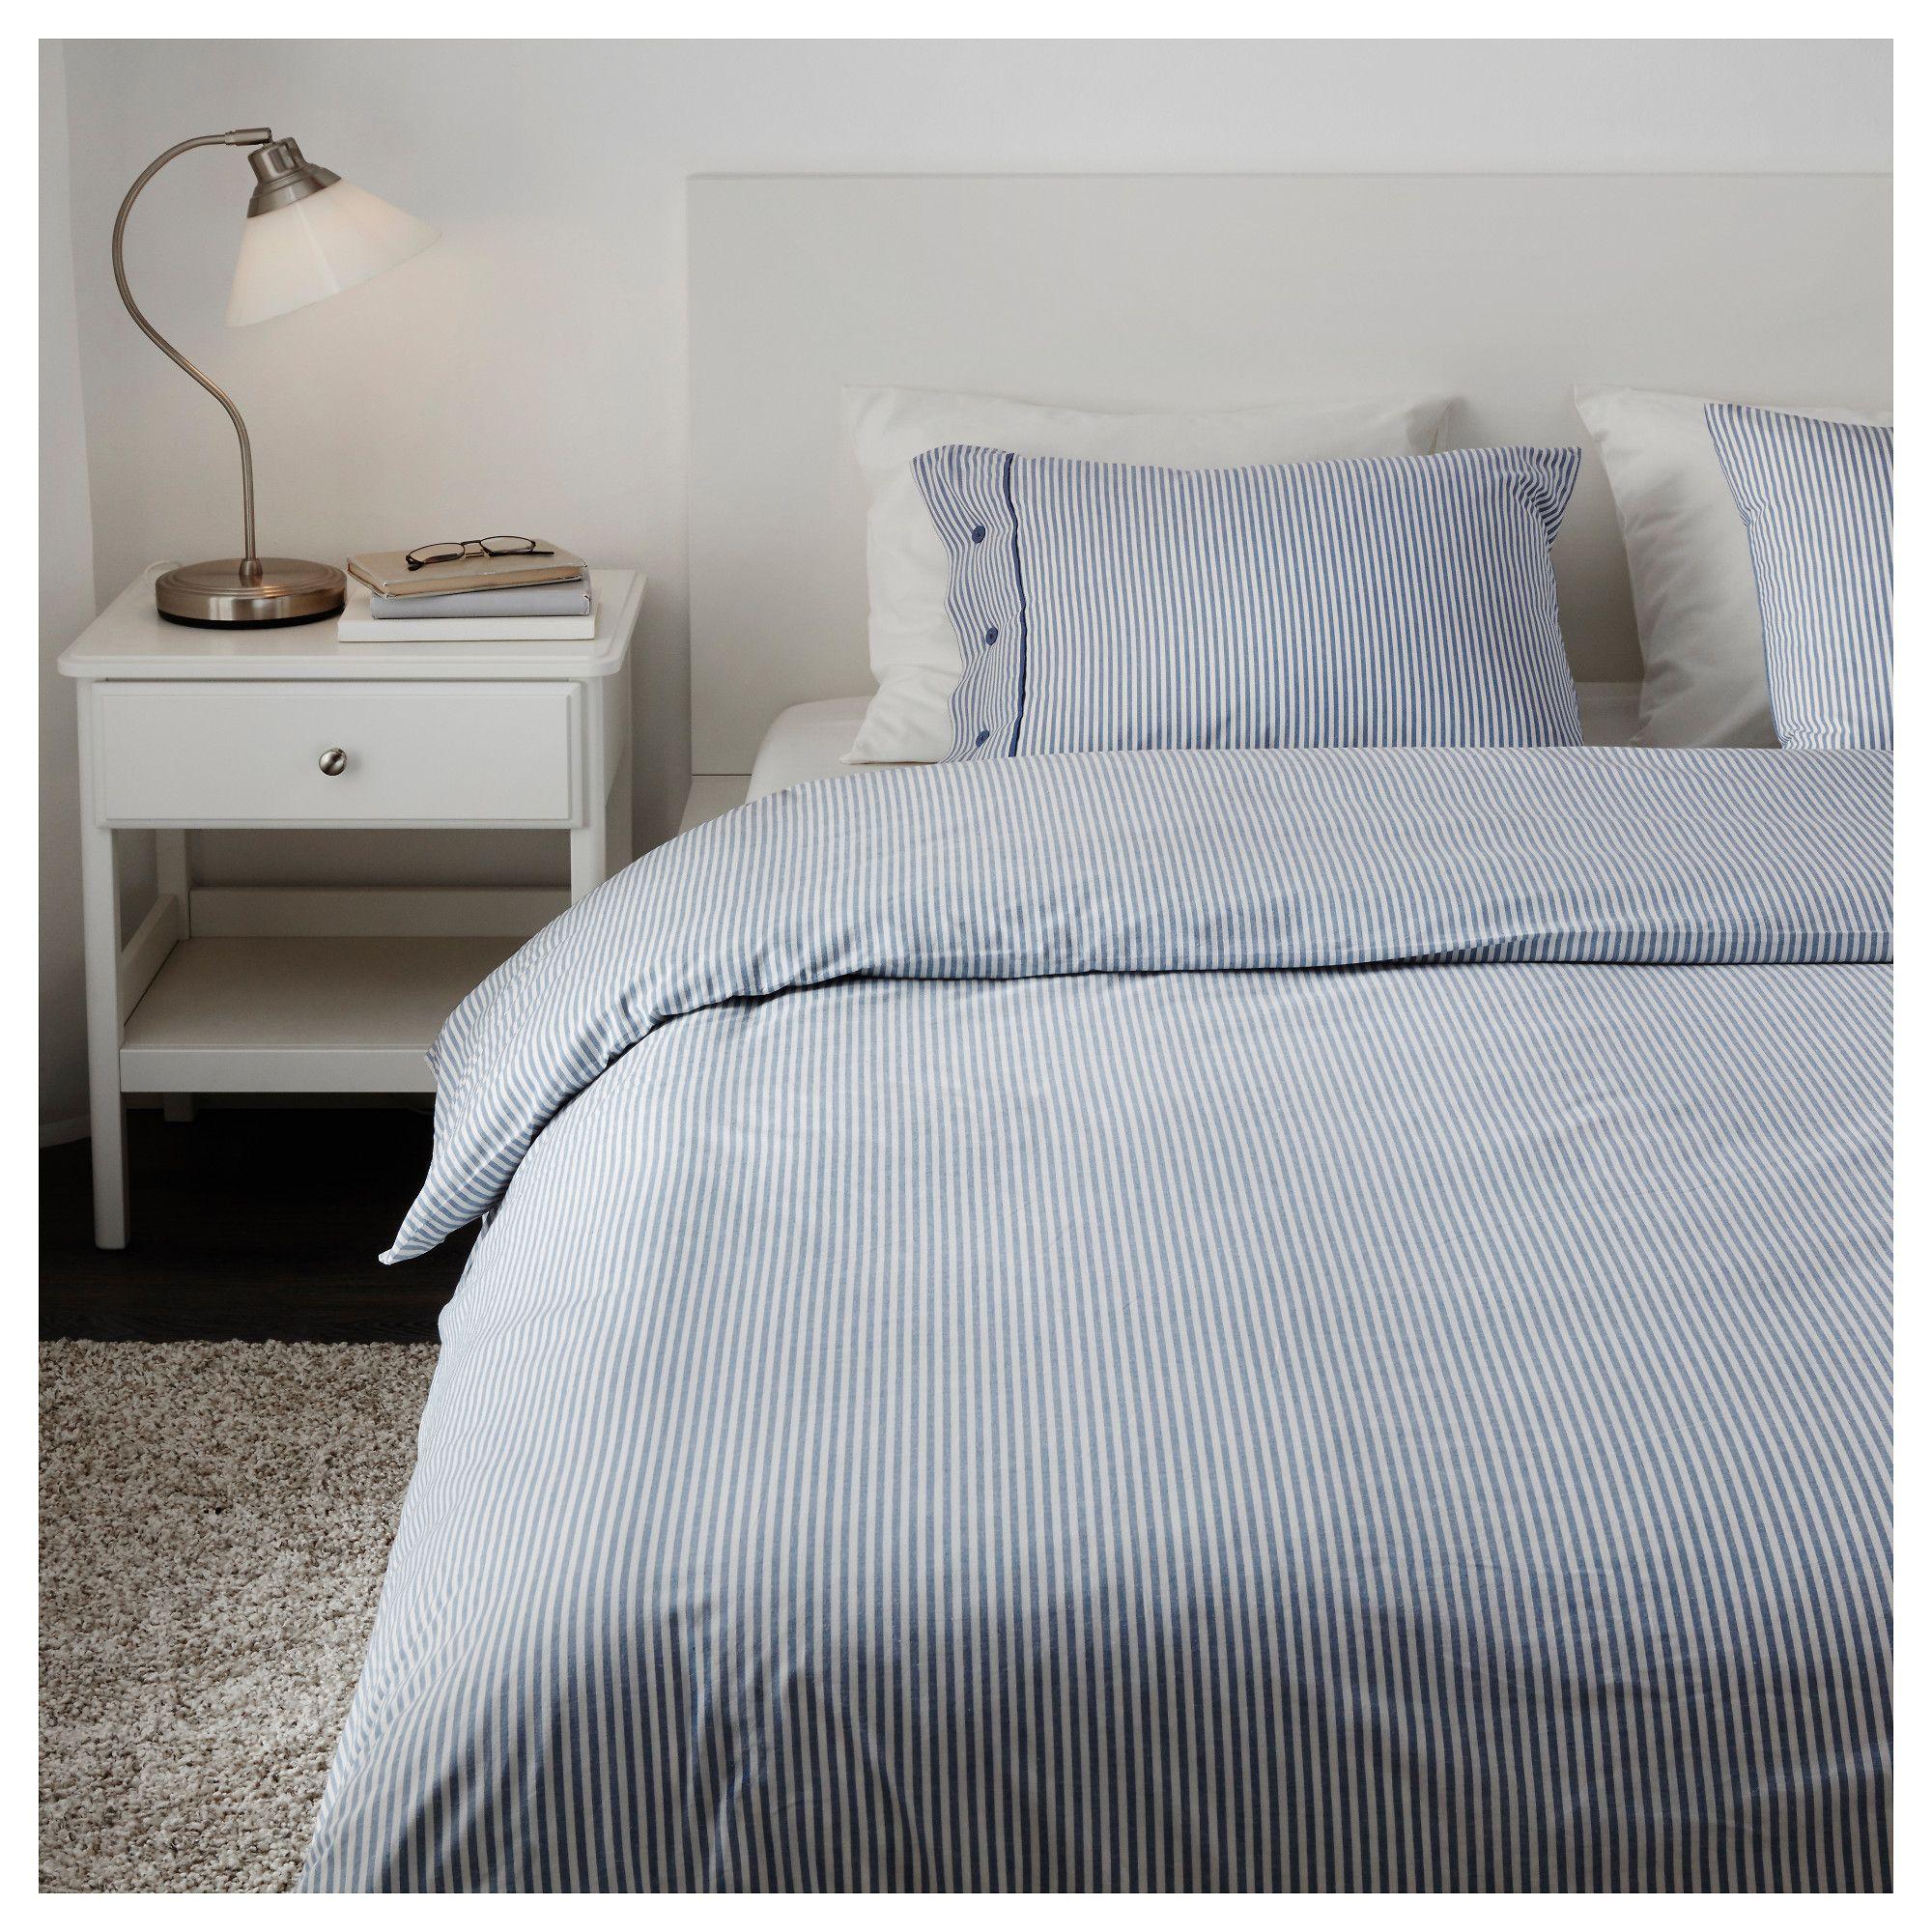 Bettwäscheset 3 Teilig Nyponros Weißblau In 2019 Products Bett